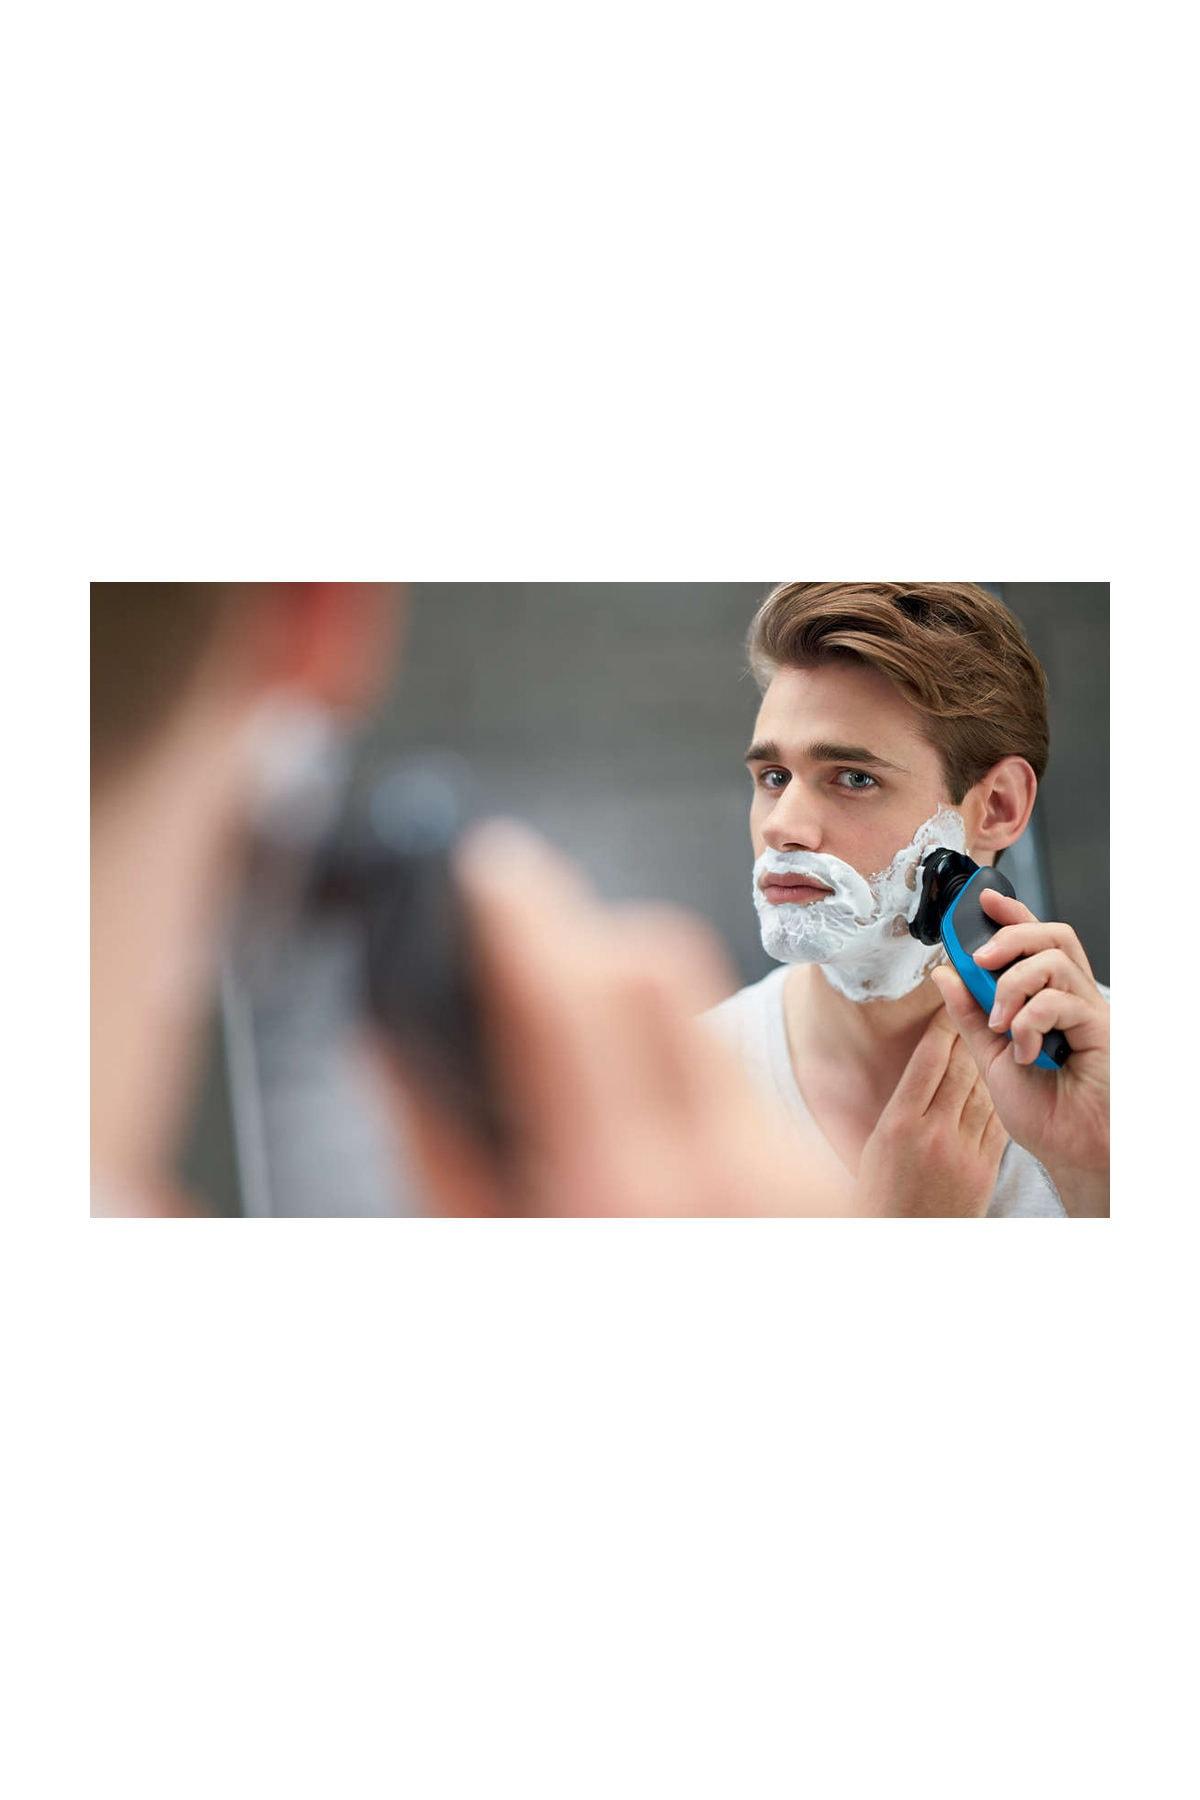 Philips 5000 Series S5050 / 06 Wet Dry Cordless Shaver Hair Beard Mustache Body Men Women enlarge